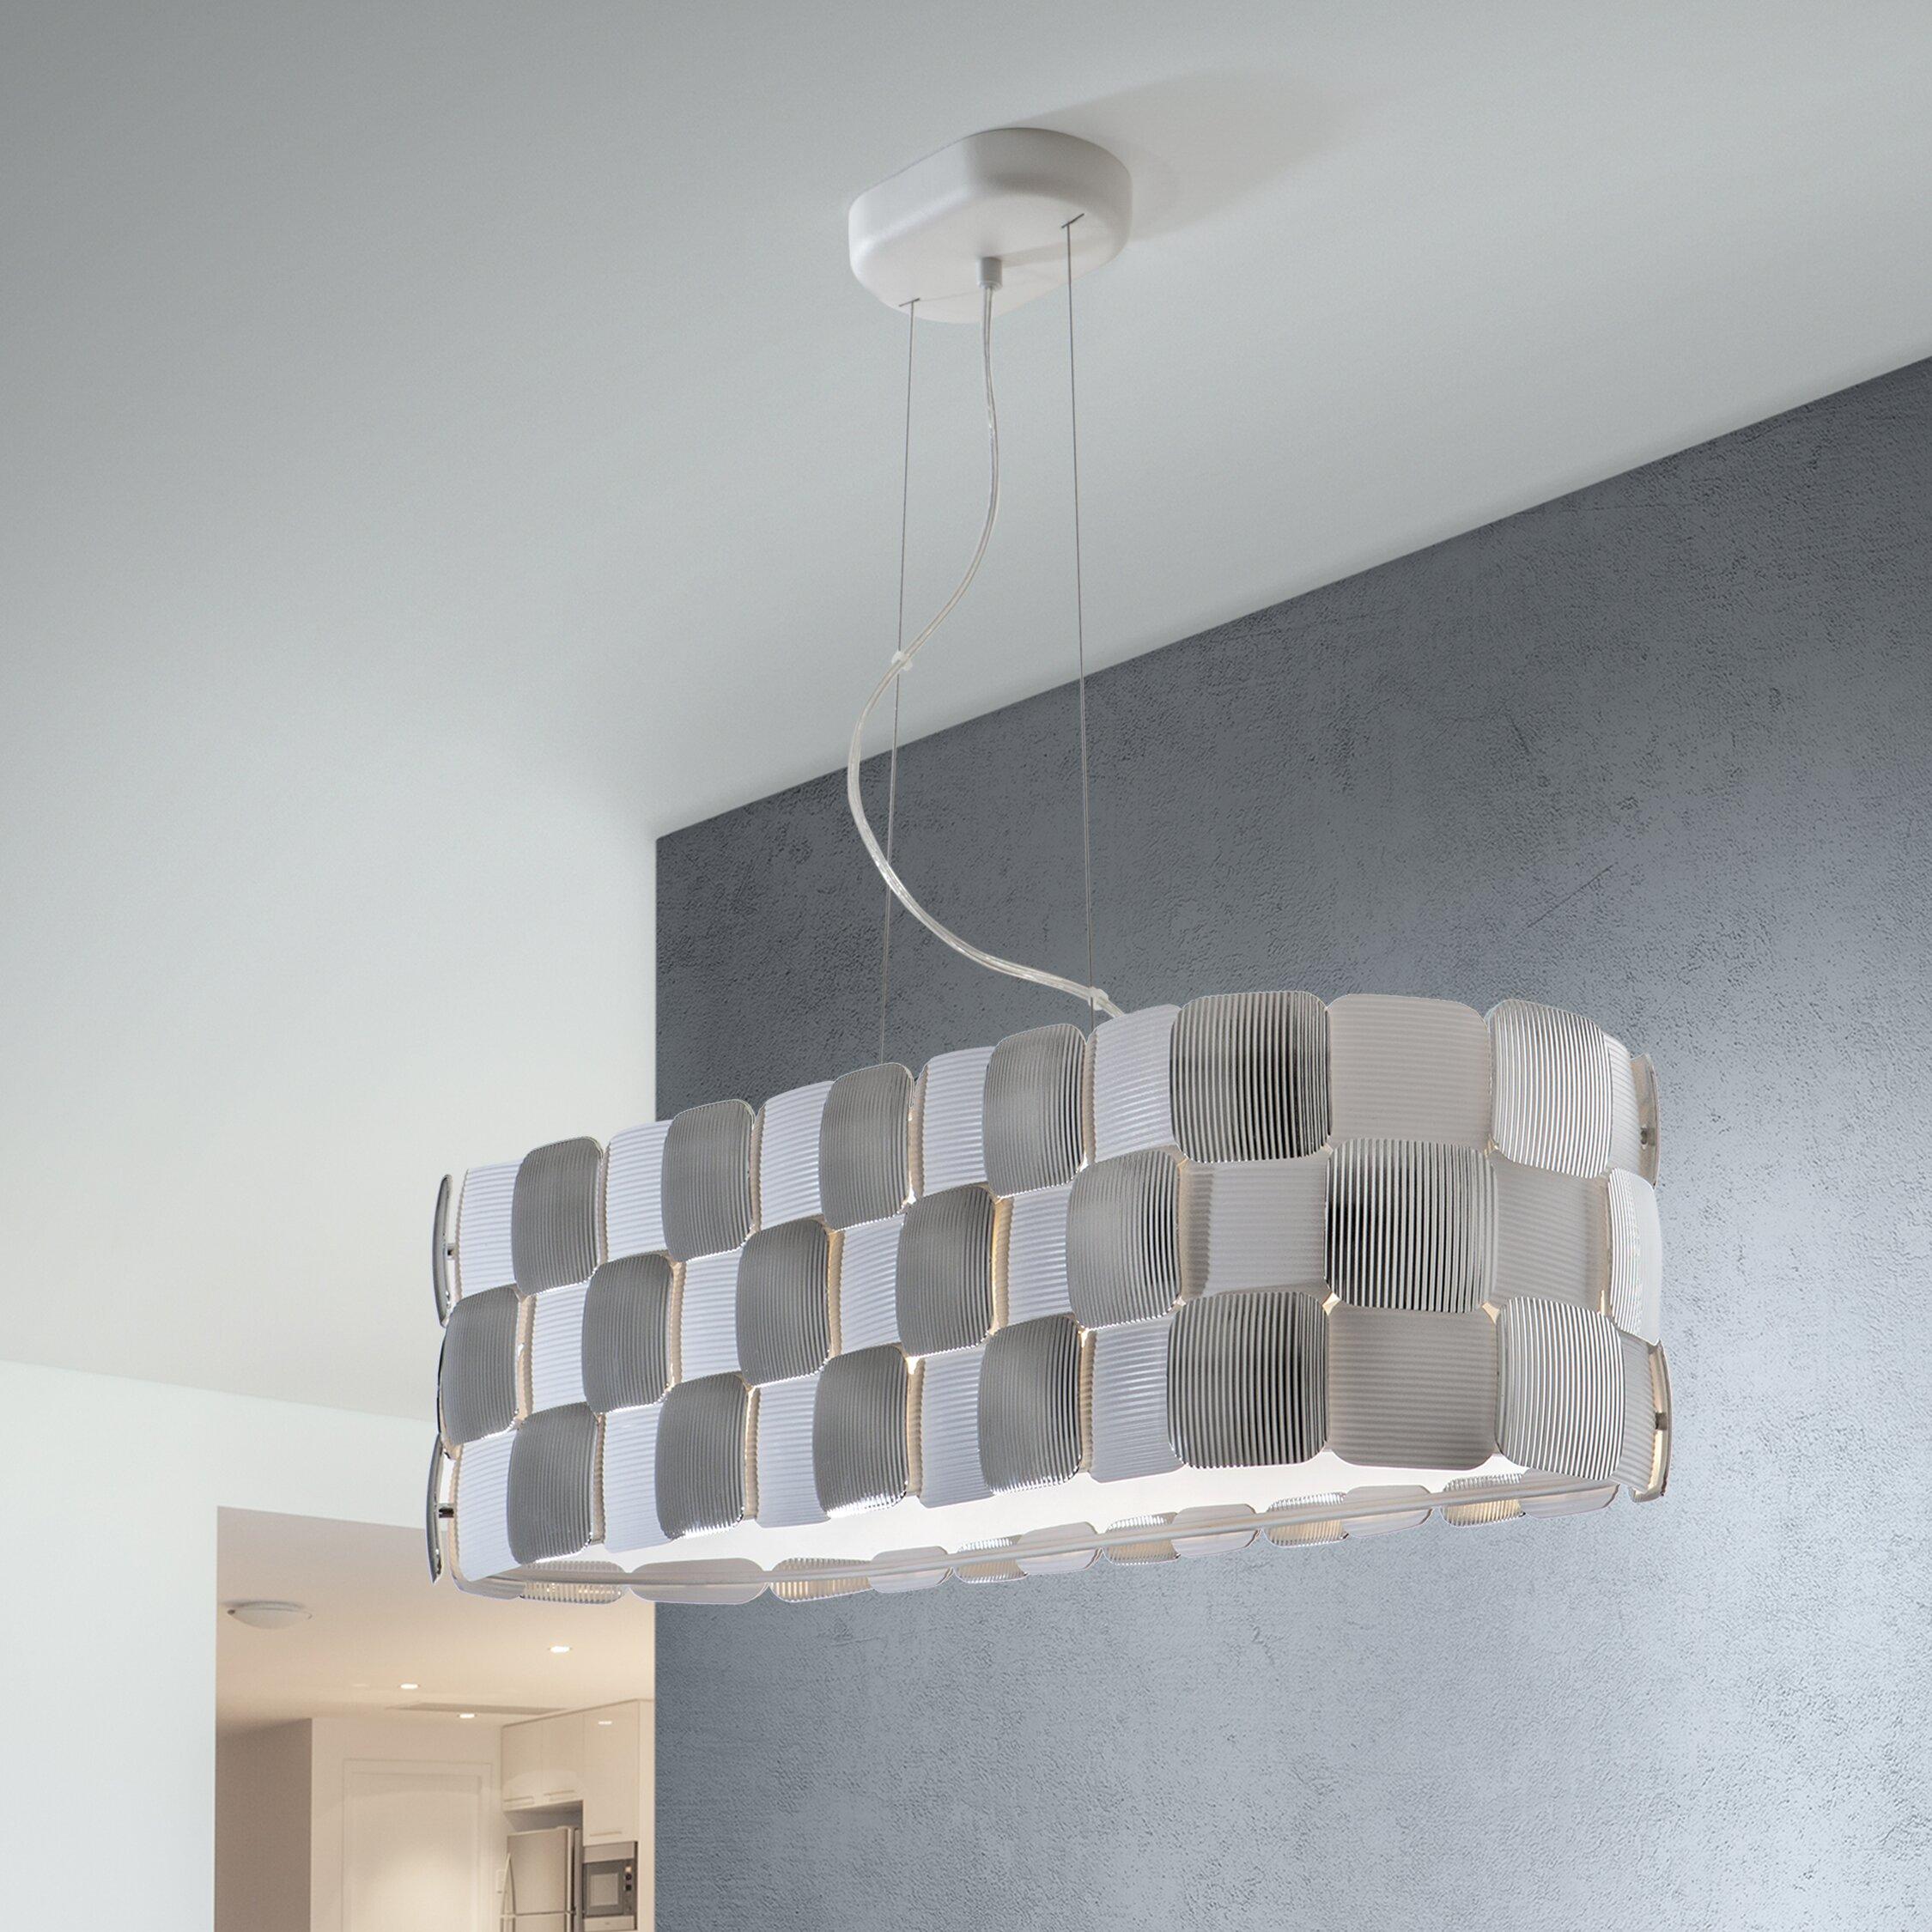 schuller balken pendelleuchte 4 flammig coras. Black Bedroom Furniture Sets. Home Design Ideas